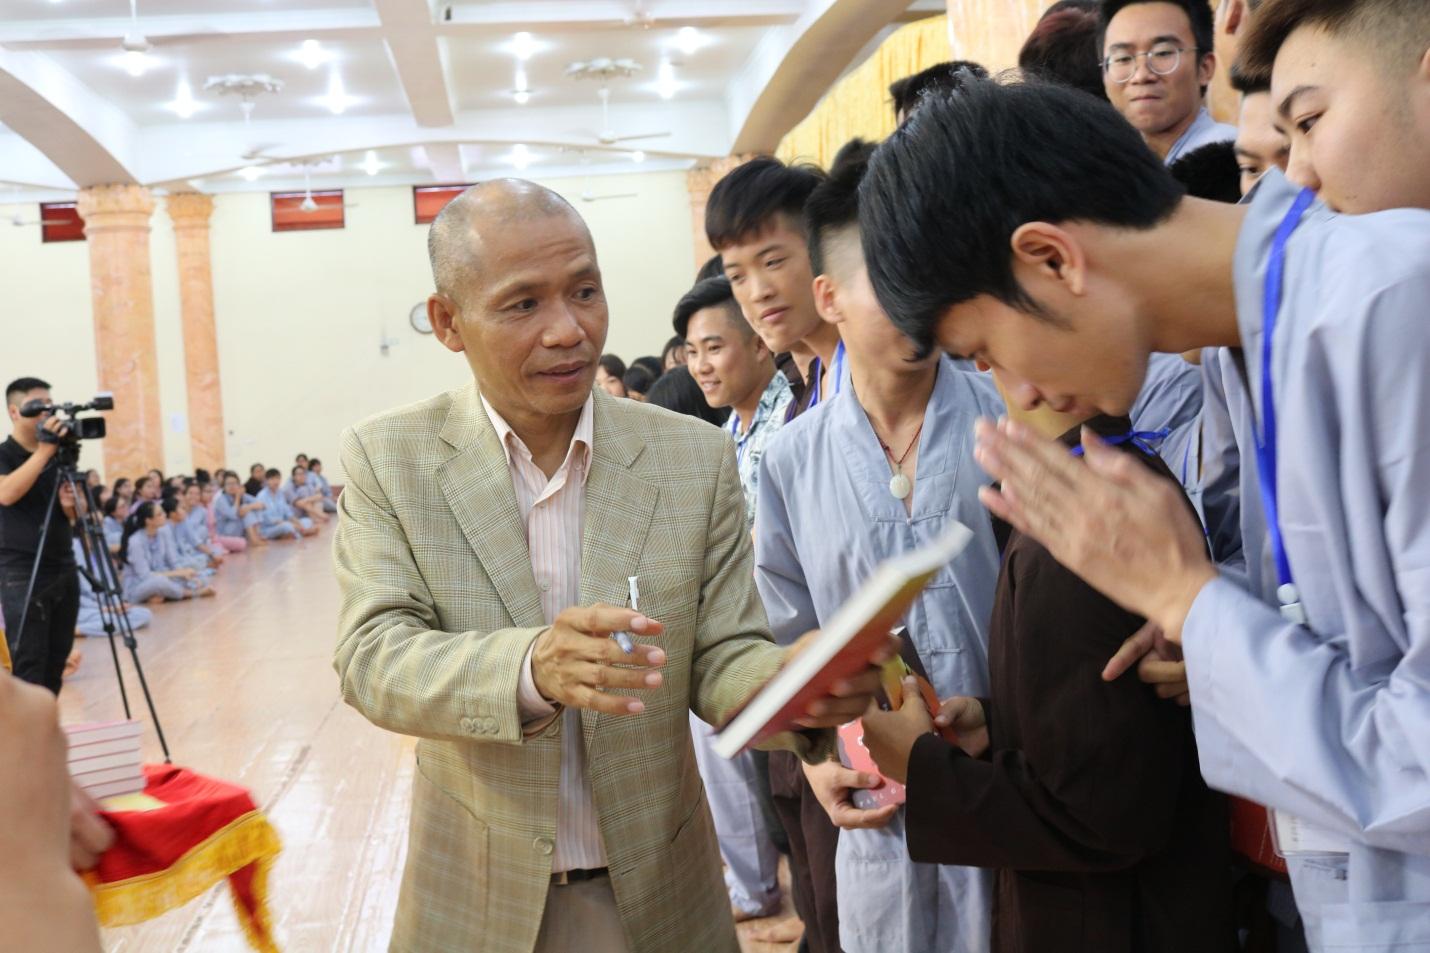 Ts. Nguyễn Mạnh Hùng: Tuổi trẻ  là tuổi giữ gìn Chân – Thiện – Mỹ của dân tộc